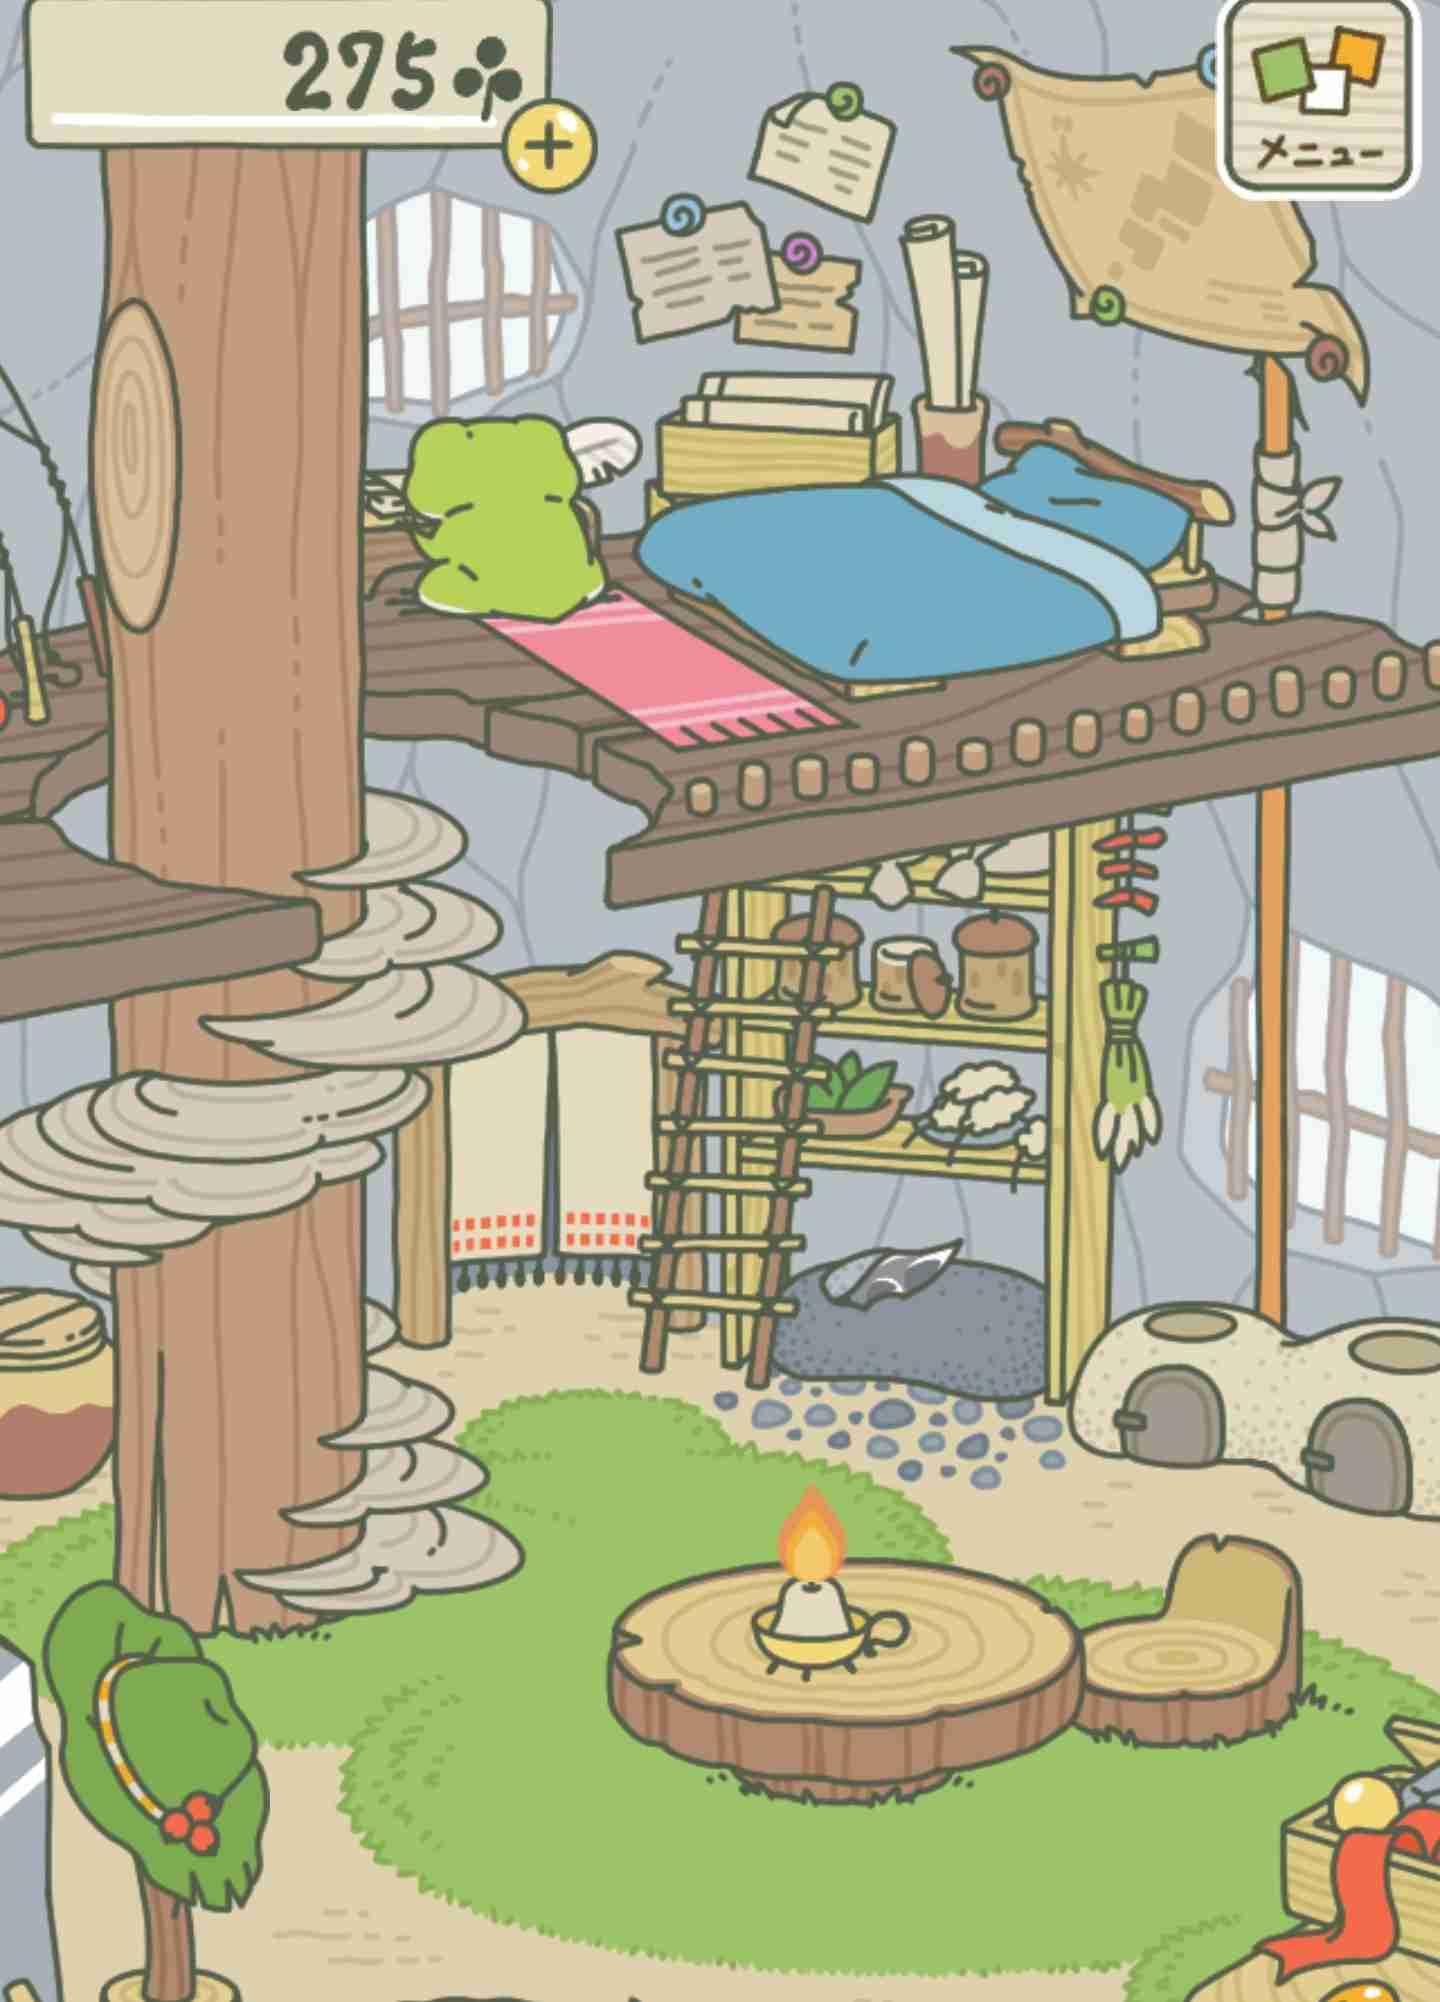 「ねこあつめ」スタッフによる新作「旅かえる」がかわいすぎると話題に お弁当を持たせて送り出すだけの究極の放置ゲーム